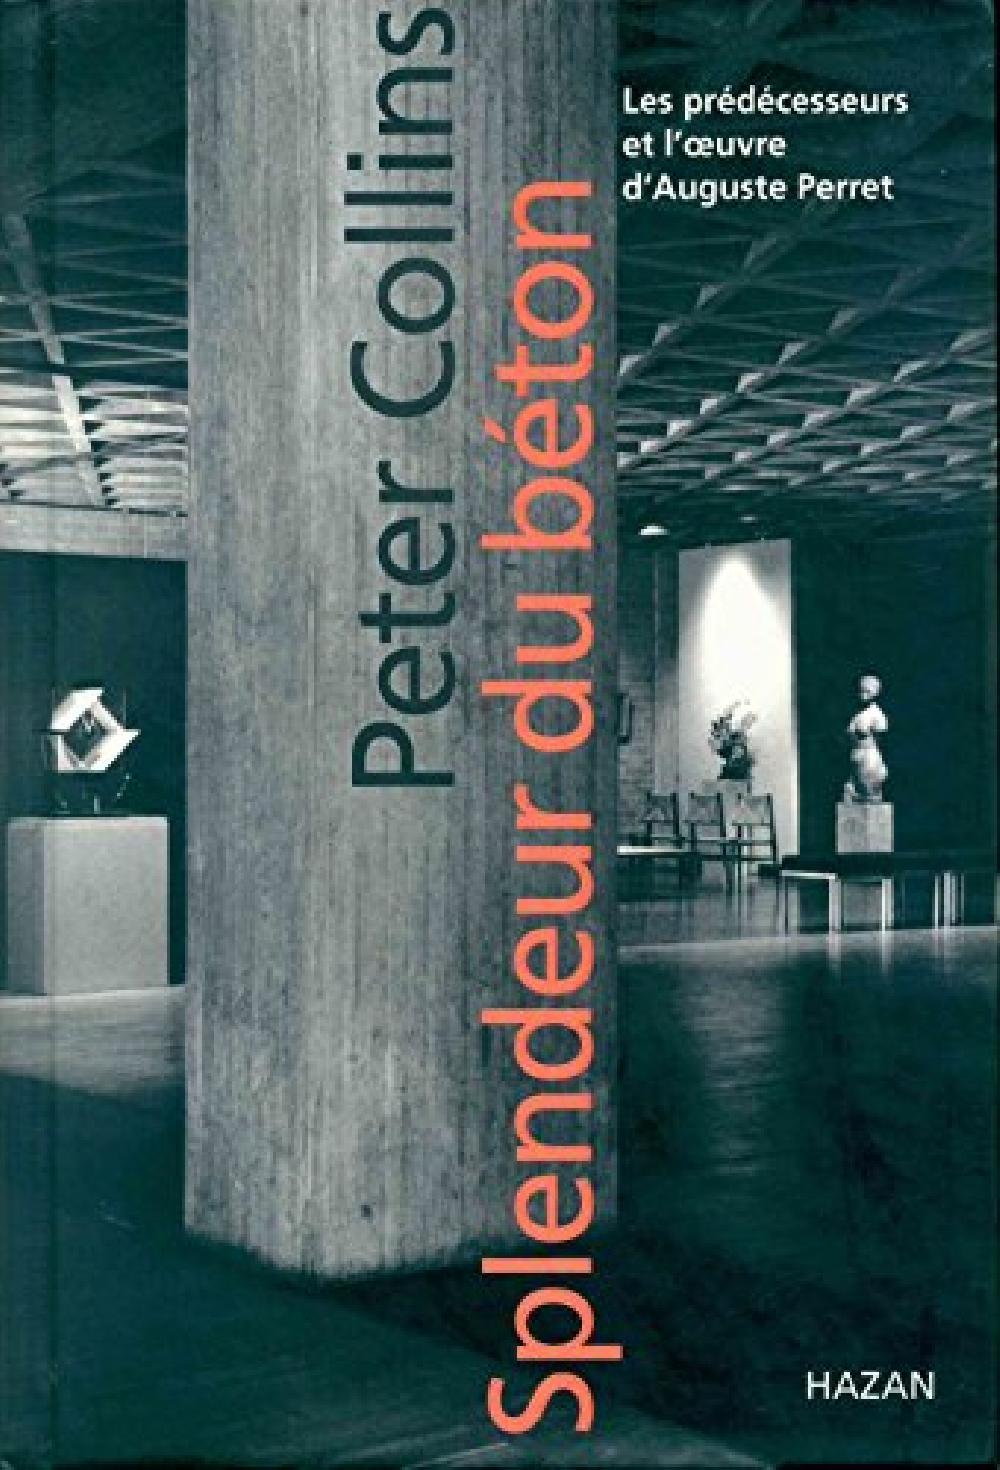 Splendeur du béton - les prédécesseurs et l'oeuvre d'Auguste Perret